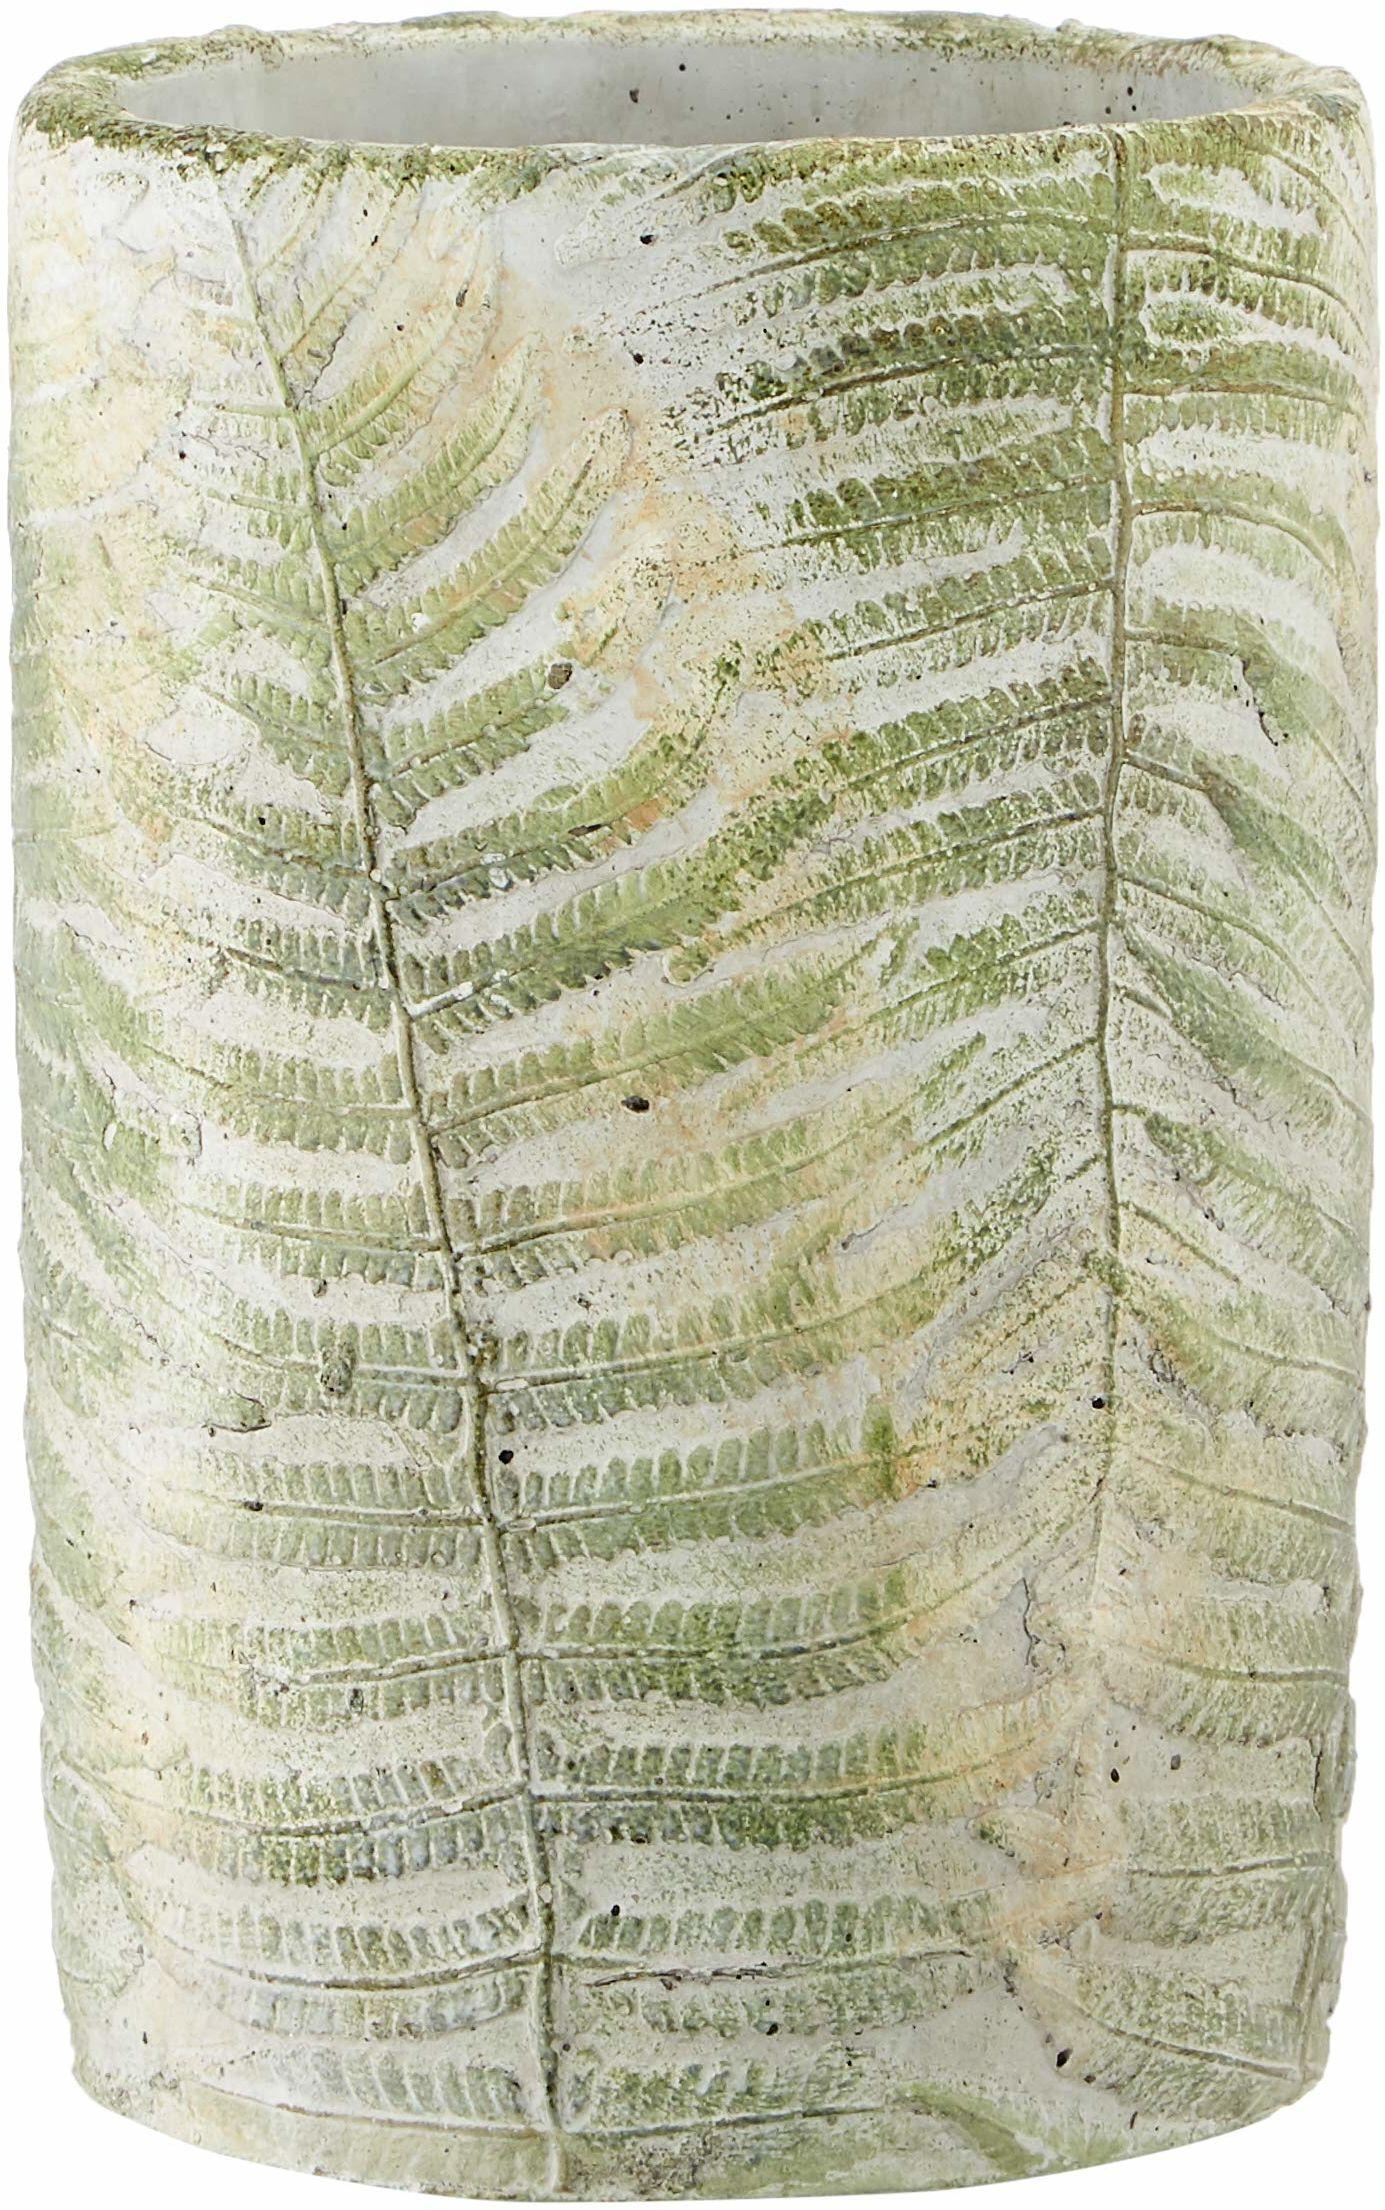 Homemania Wazon Leaf, dekoracyjny, na przedmioty, wielokolorowy, z betonu, 15 x 15 x 23 cm